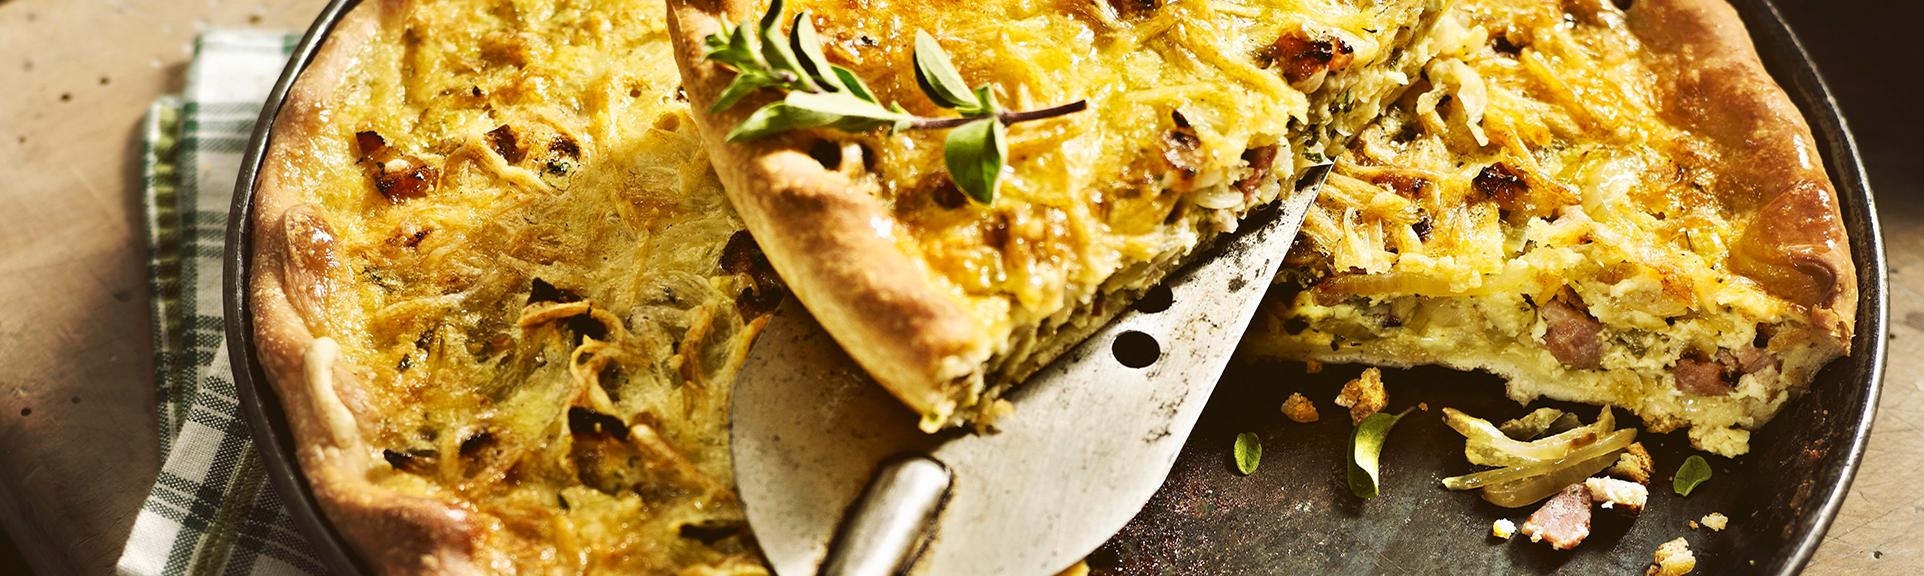 Headerabbildung zum Rezept bayerischer Speck-Zwiebelkuchen